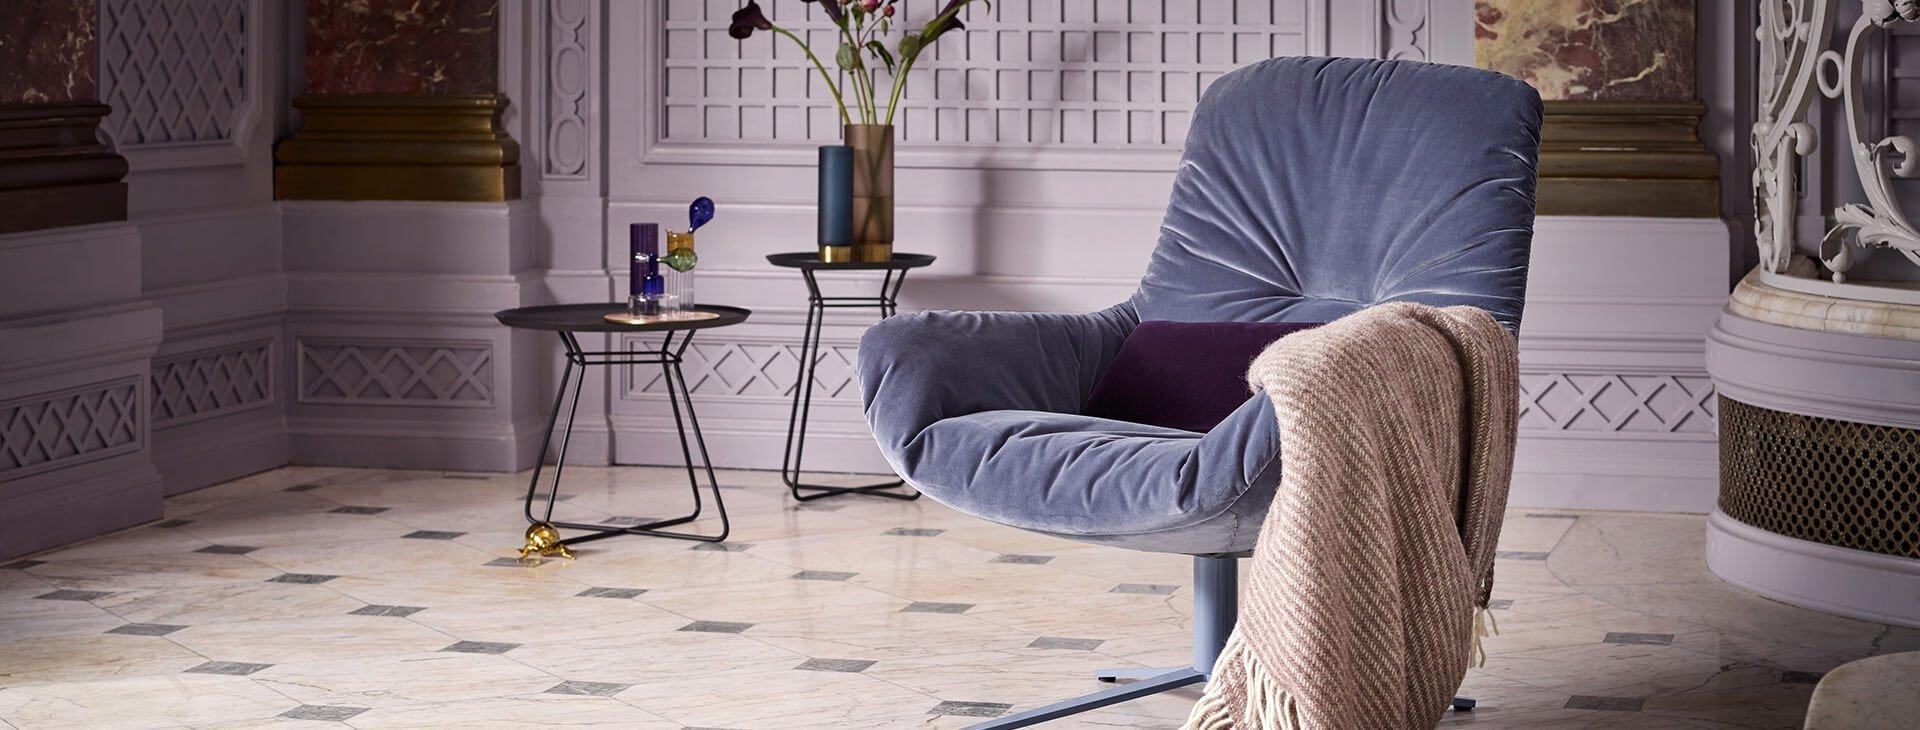 freifrau ihre brands im stilwerk d sseldorf. Black Bedroom Furniture Sets. Home Design Ideas